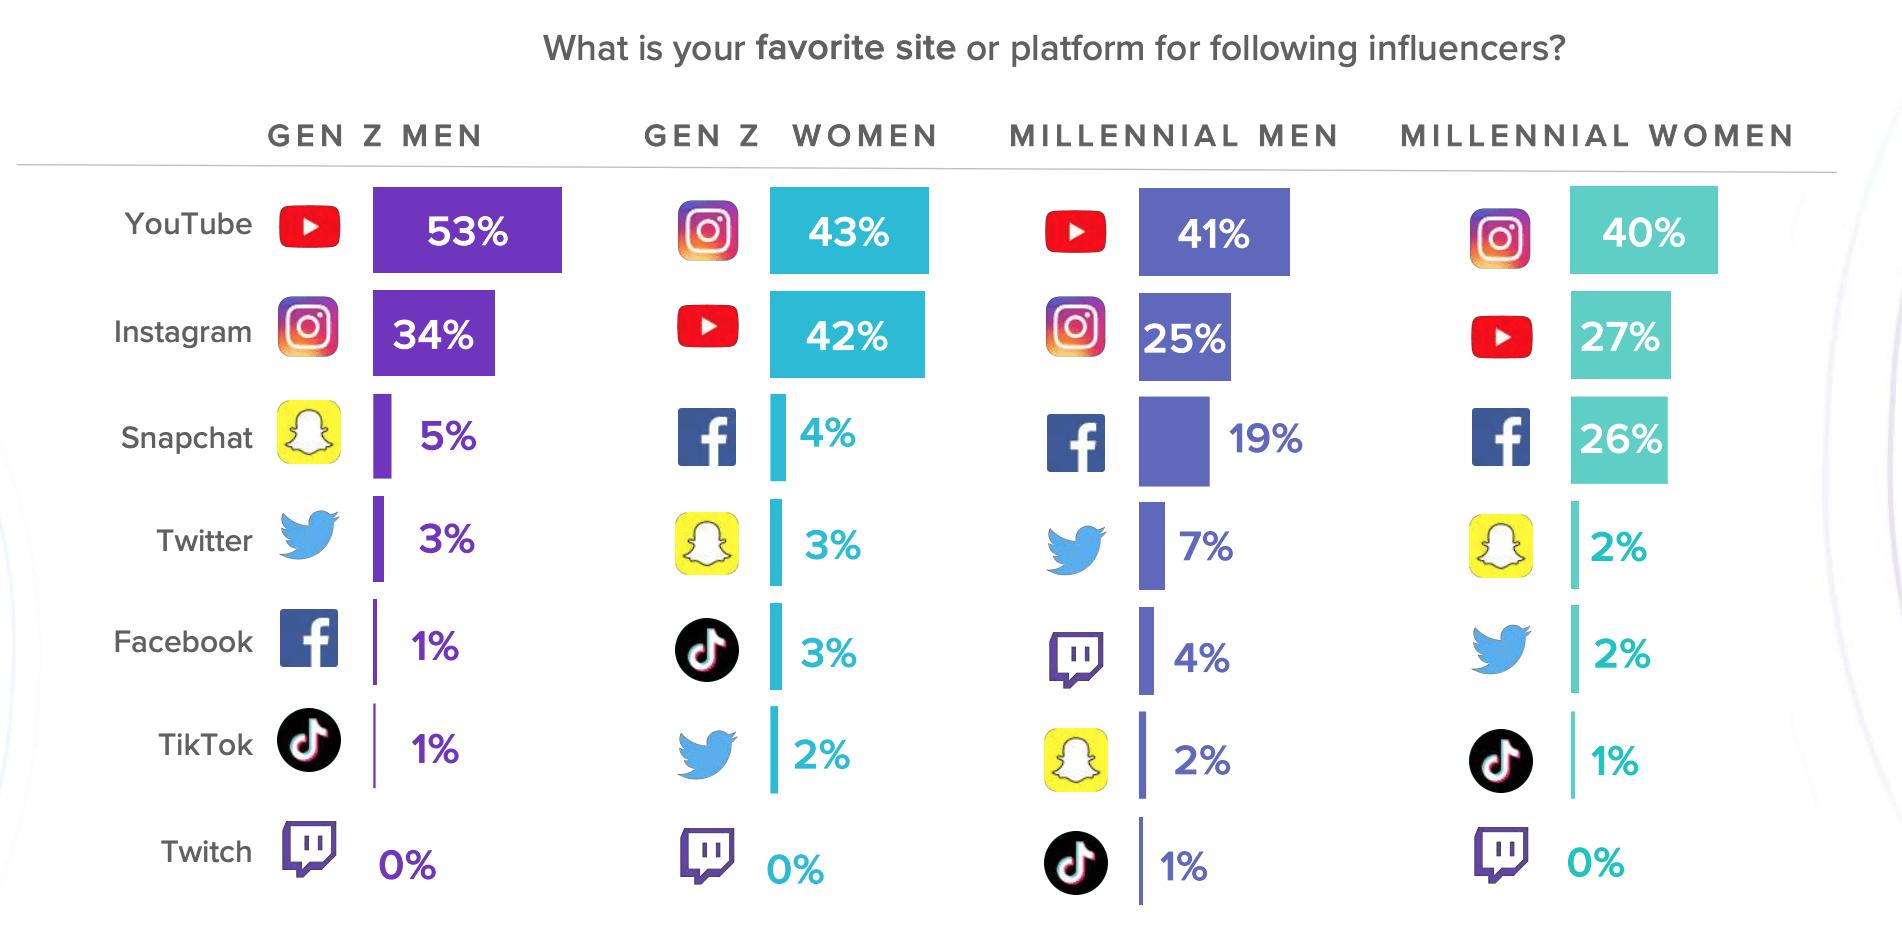 А вот карта распределения соцсетей по поколениям. Топ-площадки Facebook,YouTube, Instagram. Но у подростков совсем другой Топ-3 площадок.